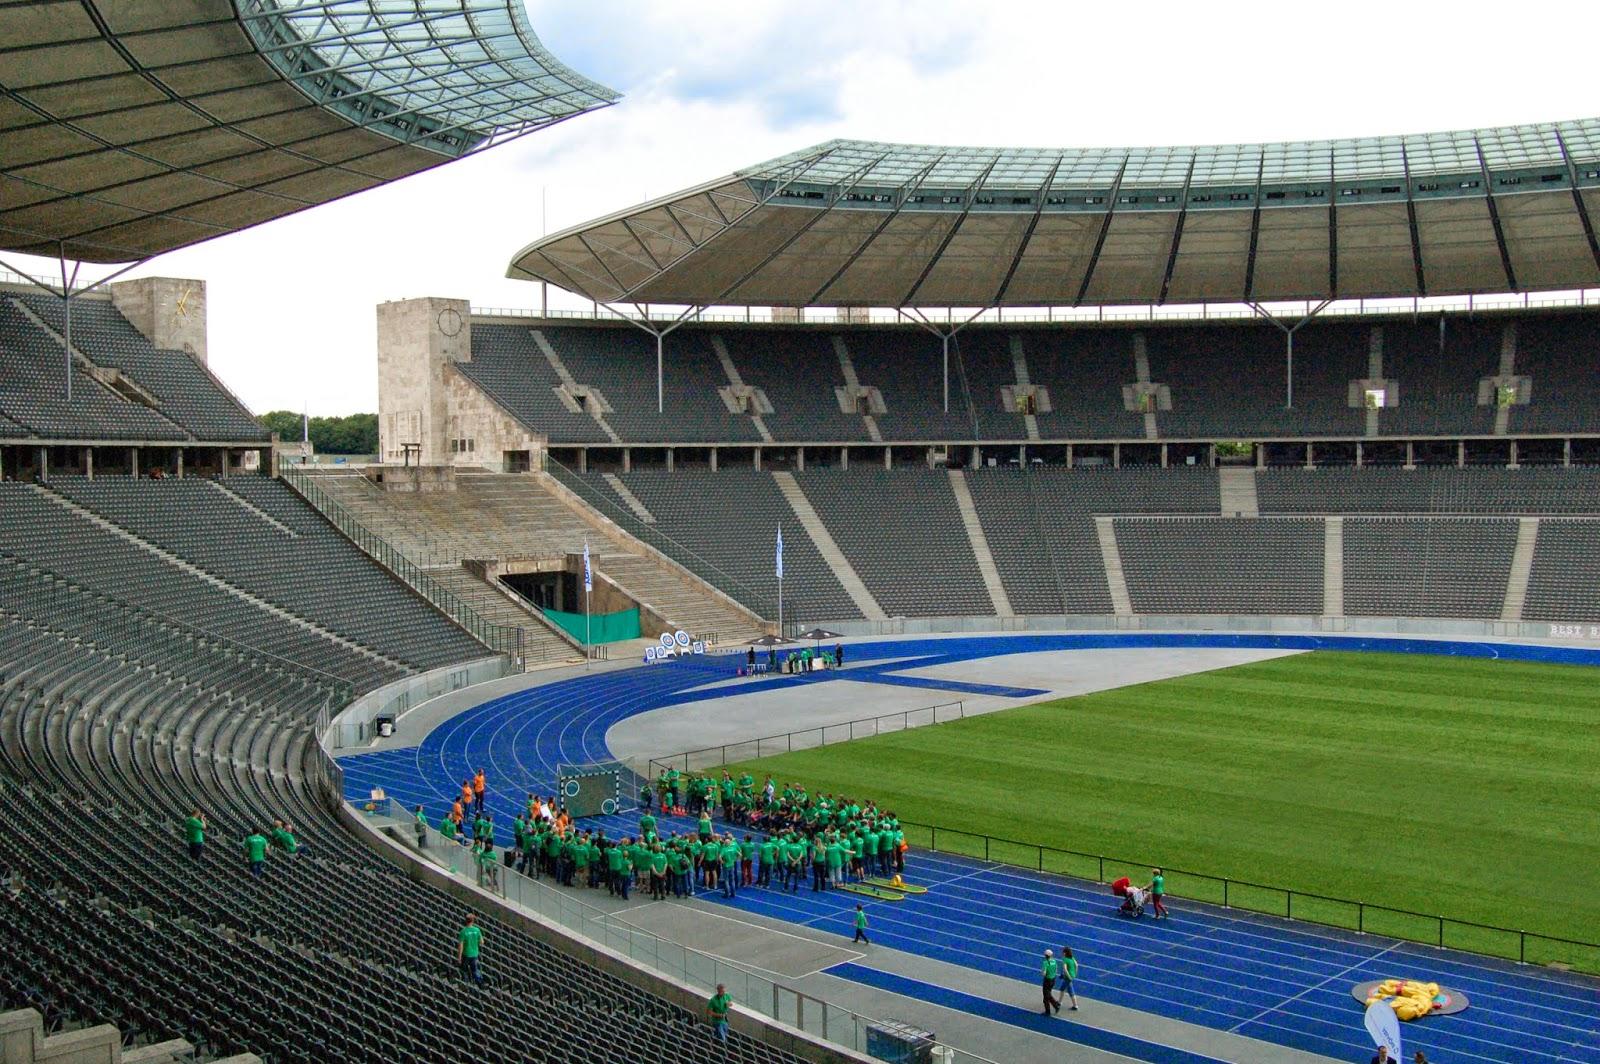 Stadion olimpijski w Berlinie, murawa